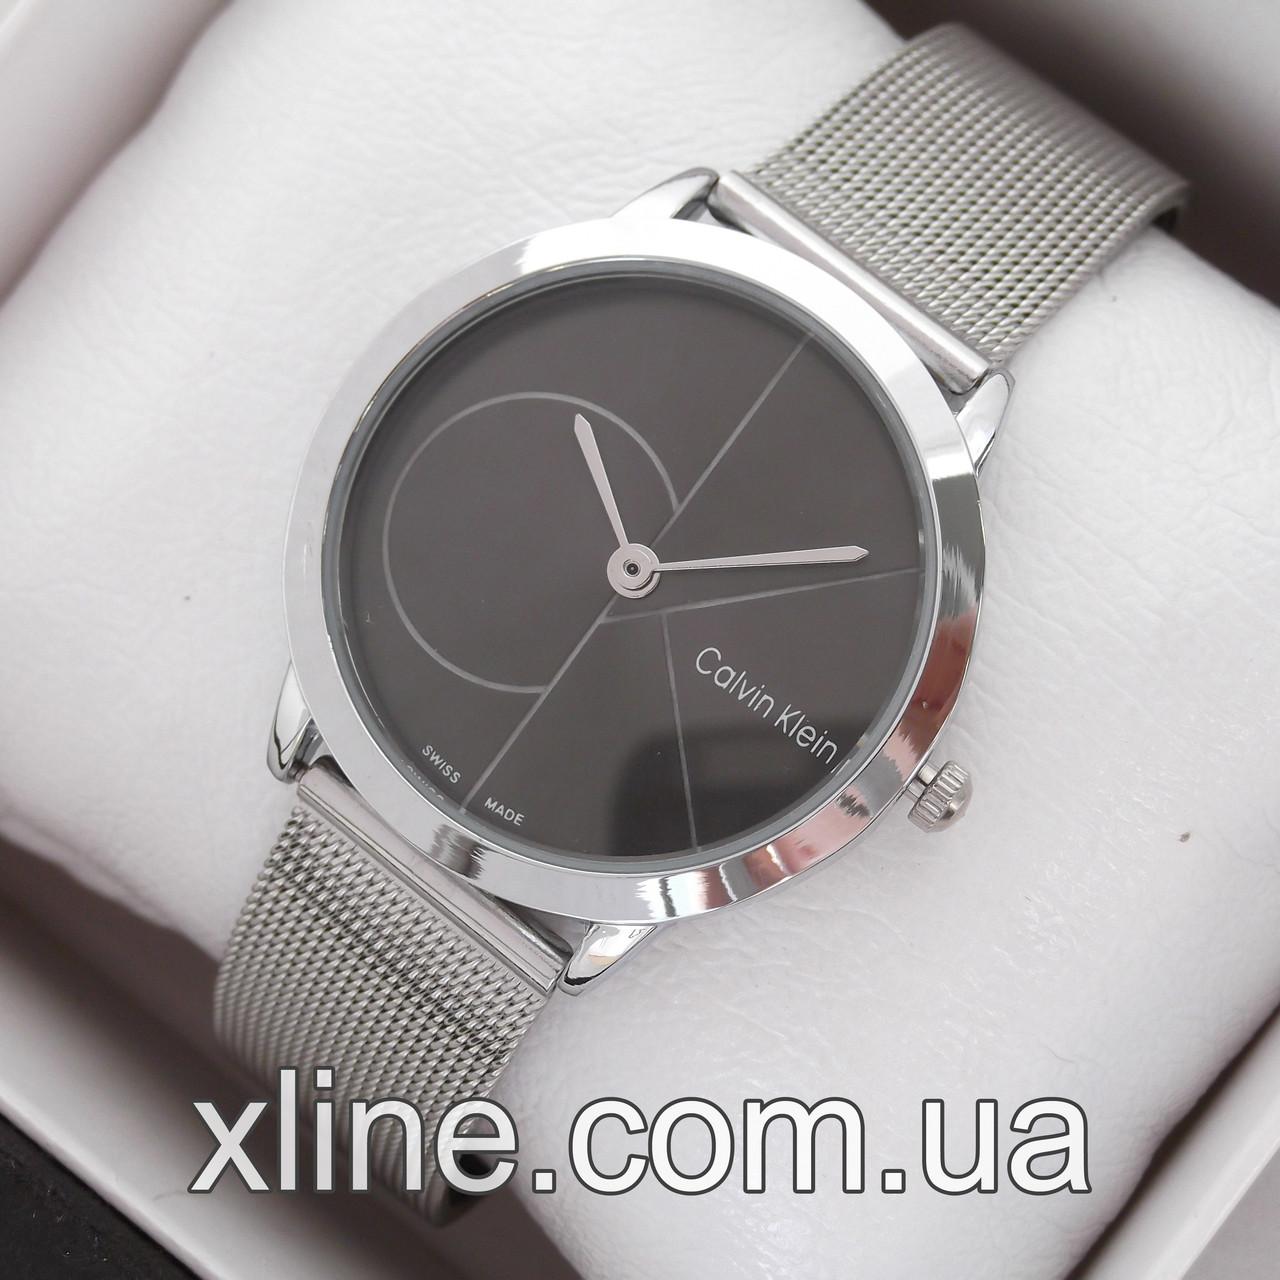 Часы ск продать guess продать часы